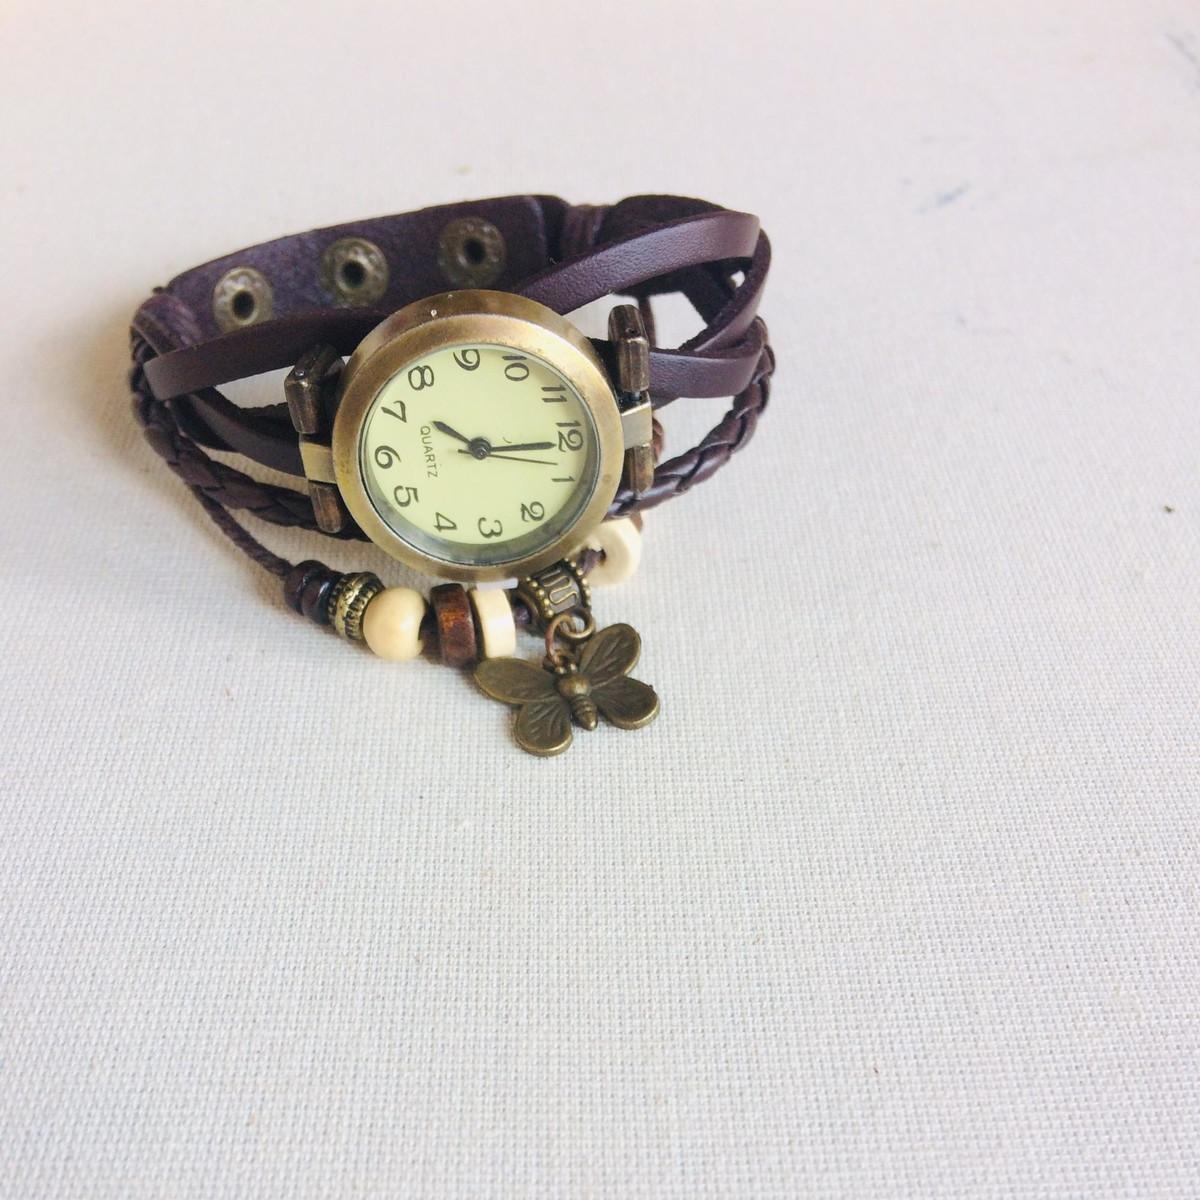 200632b9875 Relógio De Pulso Feminino em Couro Marrom Vintage no Elo7